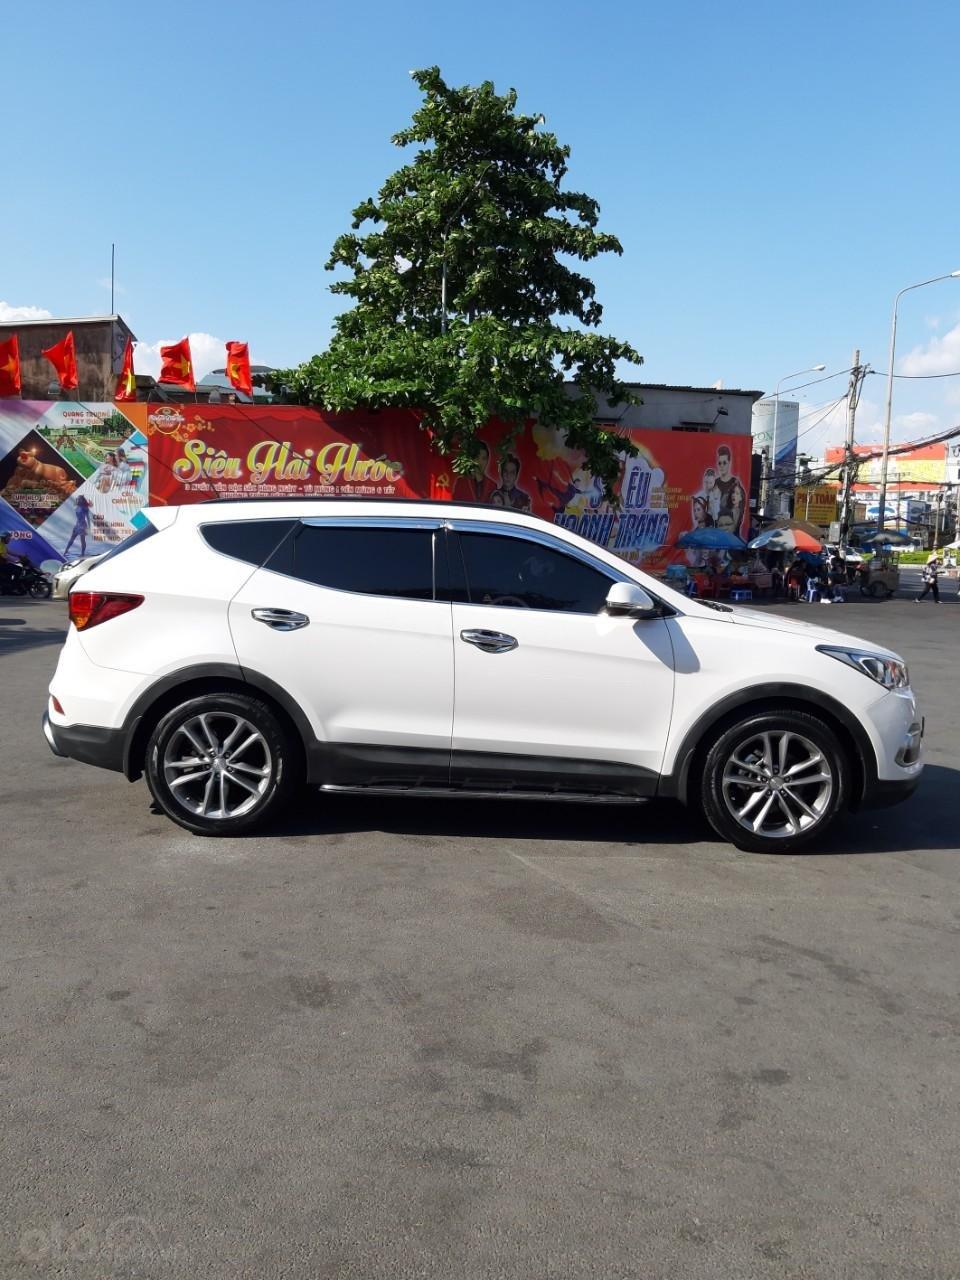 Hyundai Santa Fe CRDi model 2017, màu trắng, nhập khẩu còn mới toanh, full option loại cao cấp nhất, 1 tỷ 50tr-19